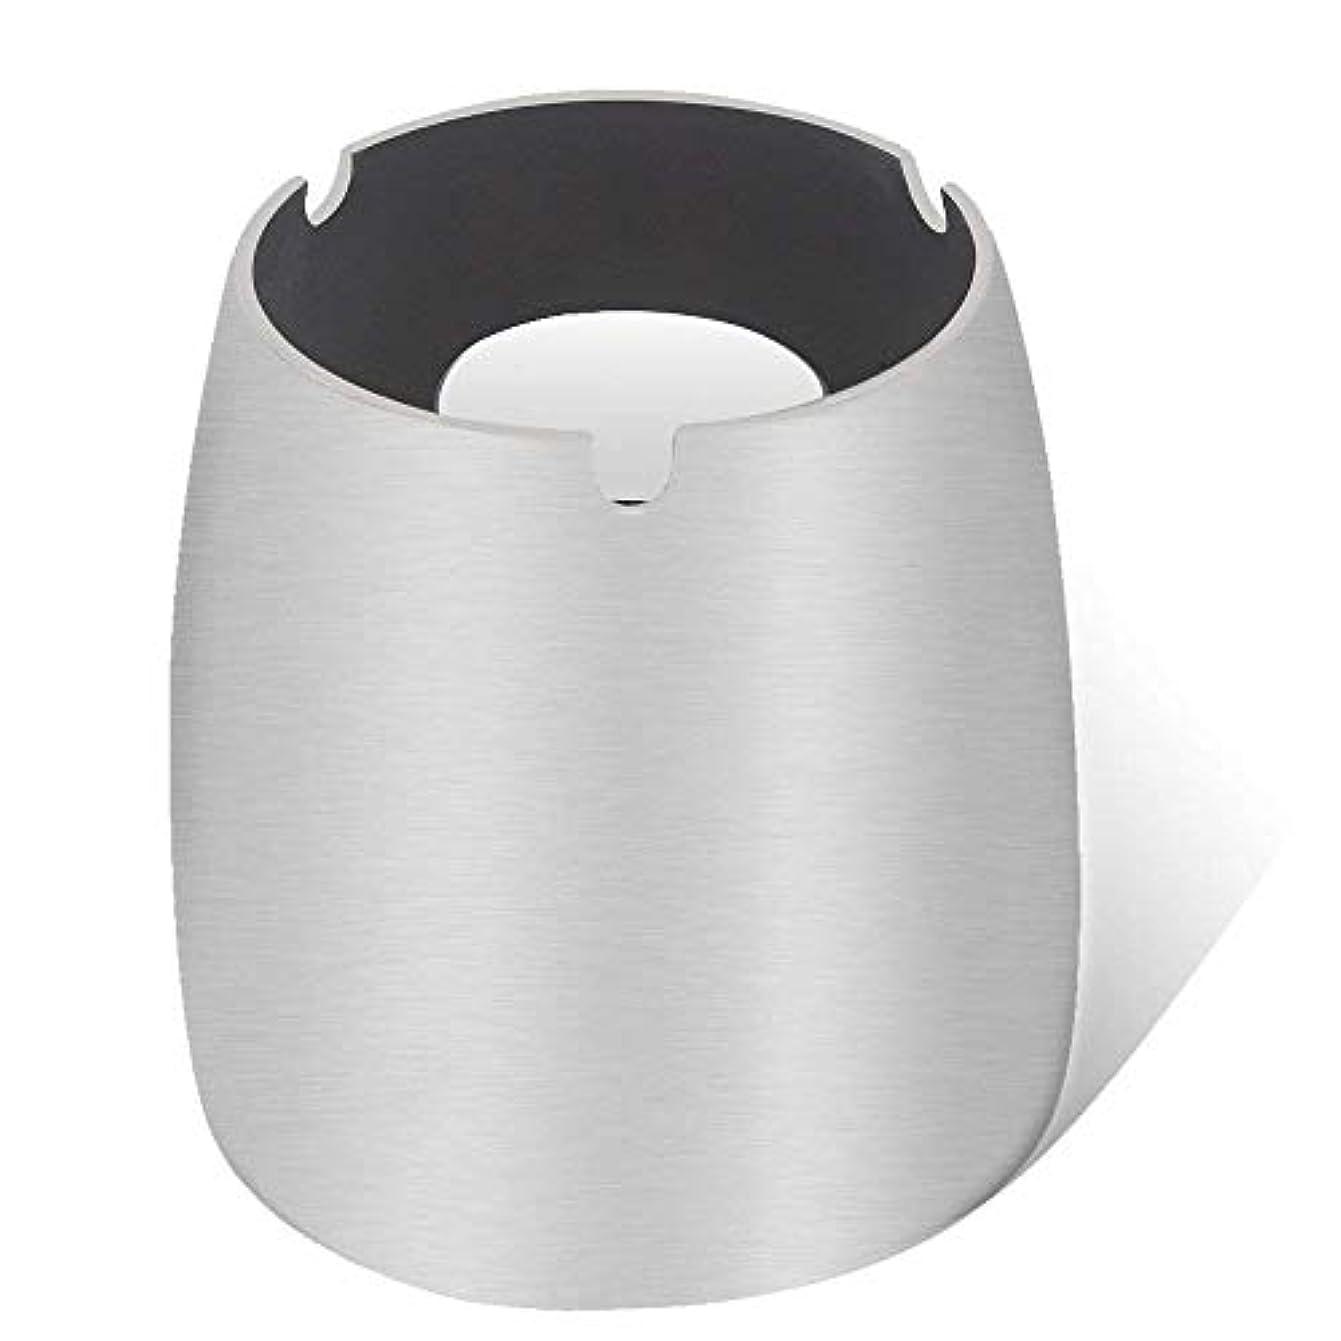 グリル中央セーター灰皿、ステンレススチール風灰皿タンブルカップ、屋内または屋外用、ガーデンバルコニーシルバー